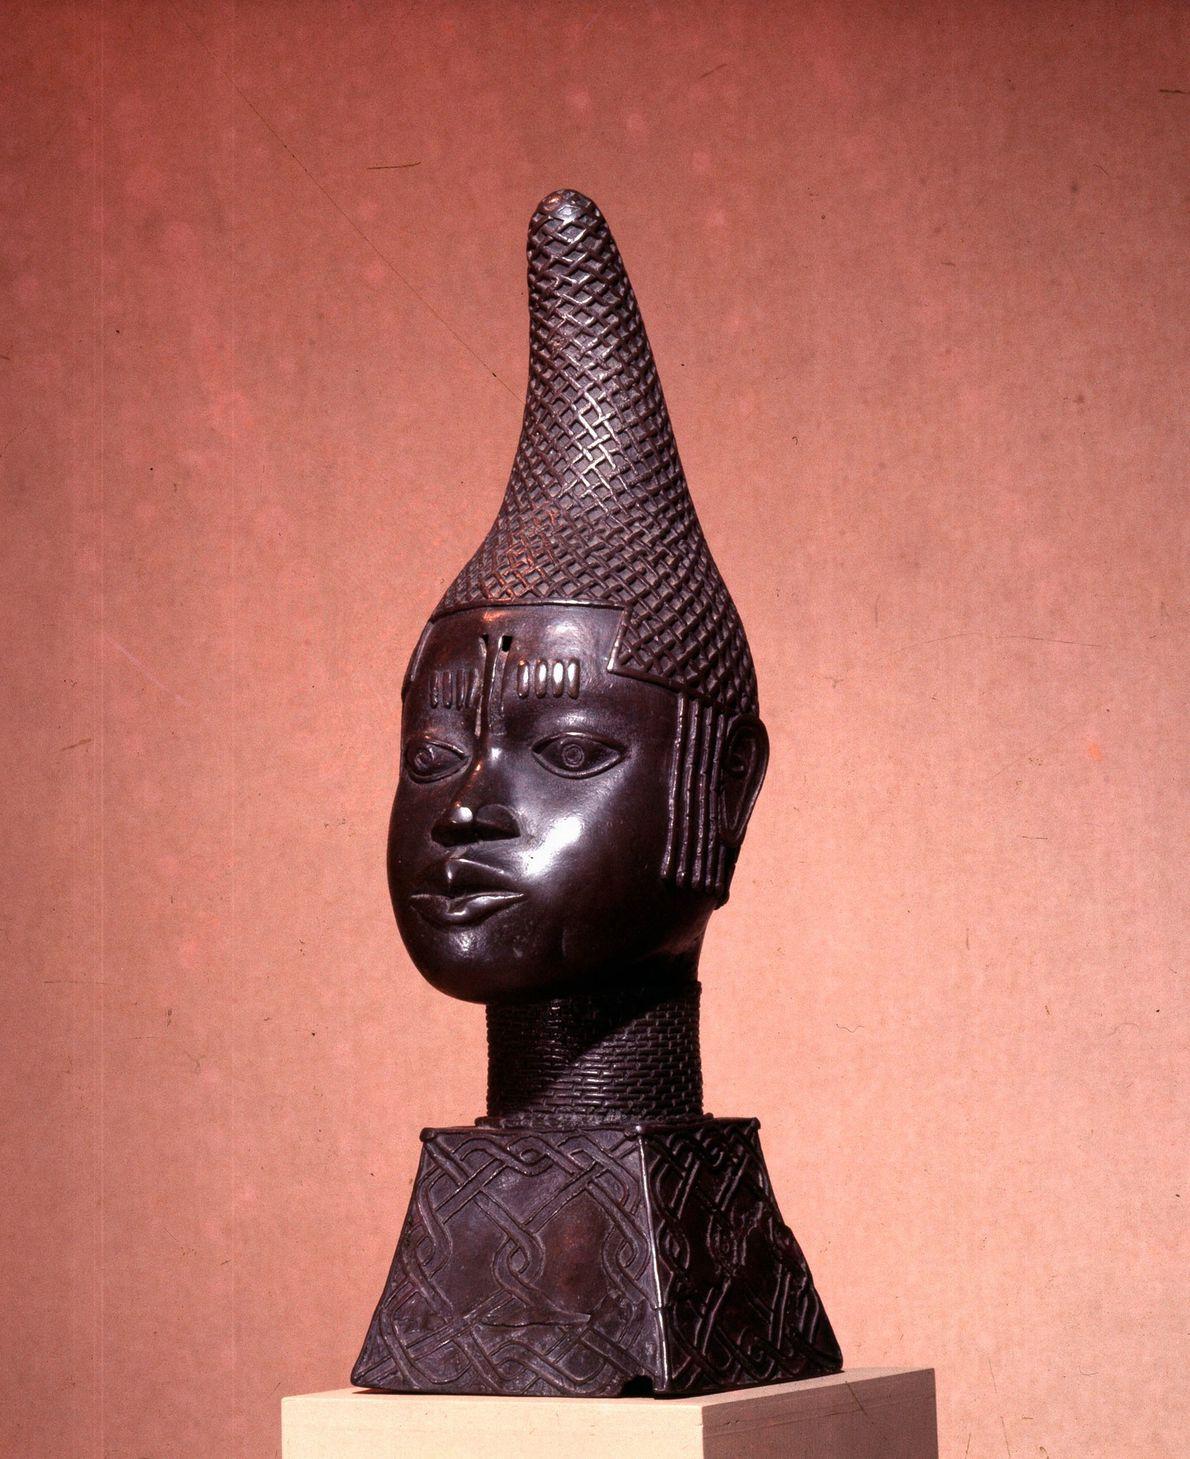 A planejadora mestre: Idia, primeira Rainha-mãe do Benin  Depois que Idia ajudou seu filho a vencer uma ...